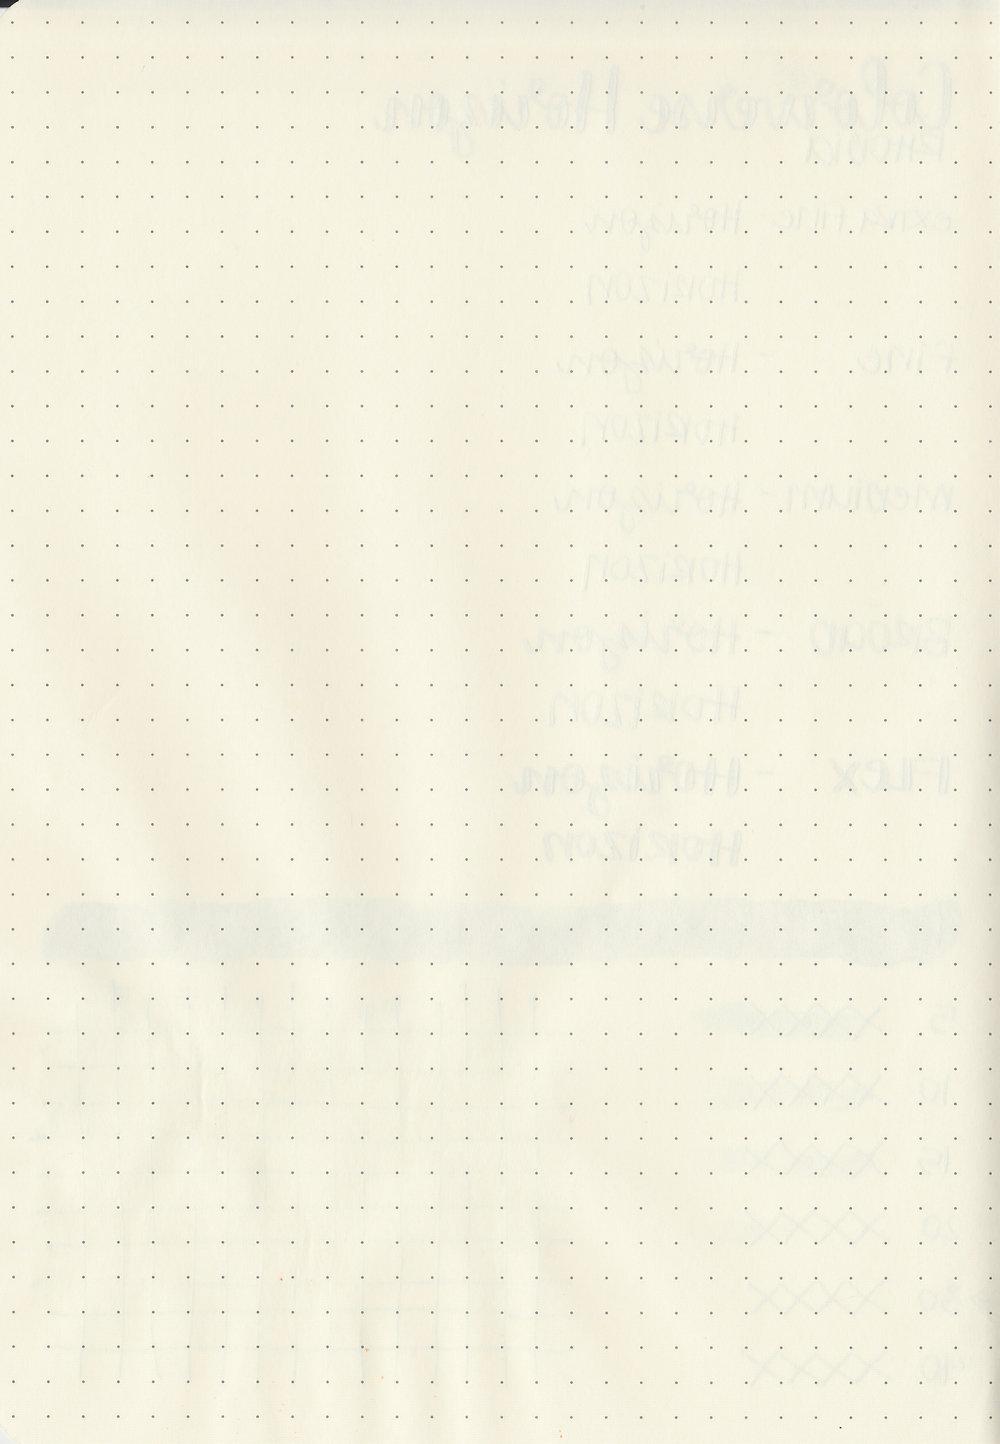 cv-horizon-6.jpg